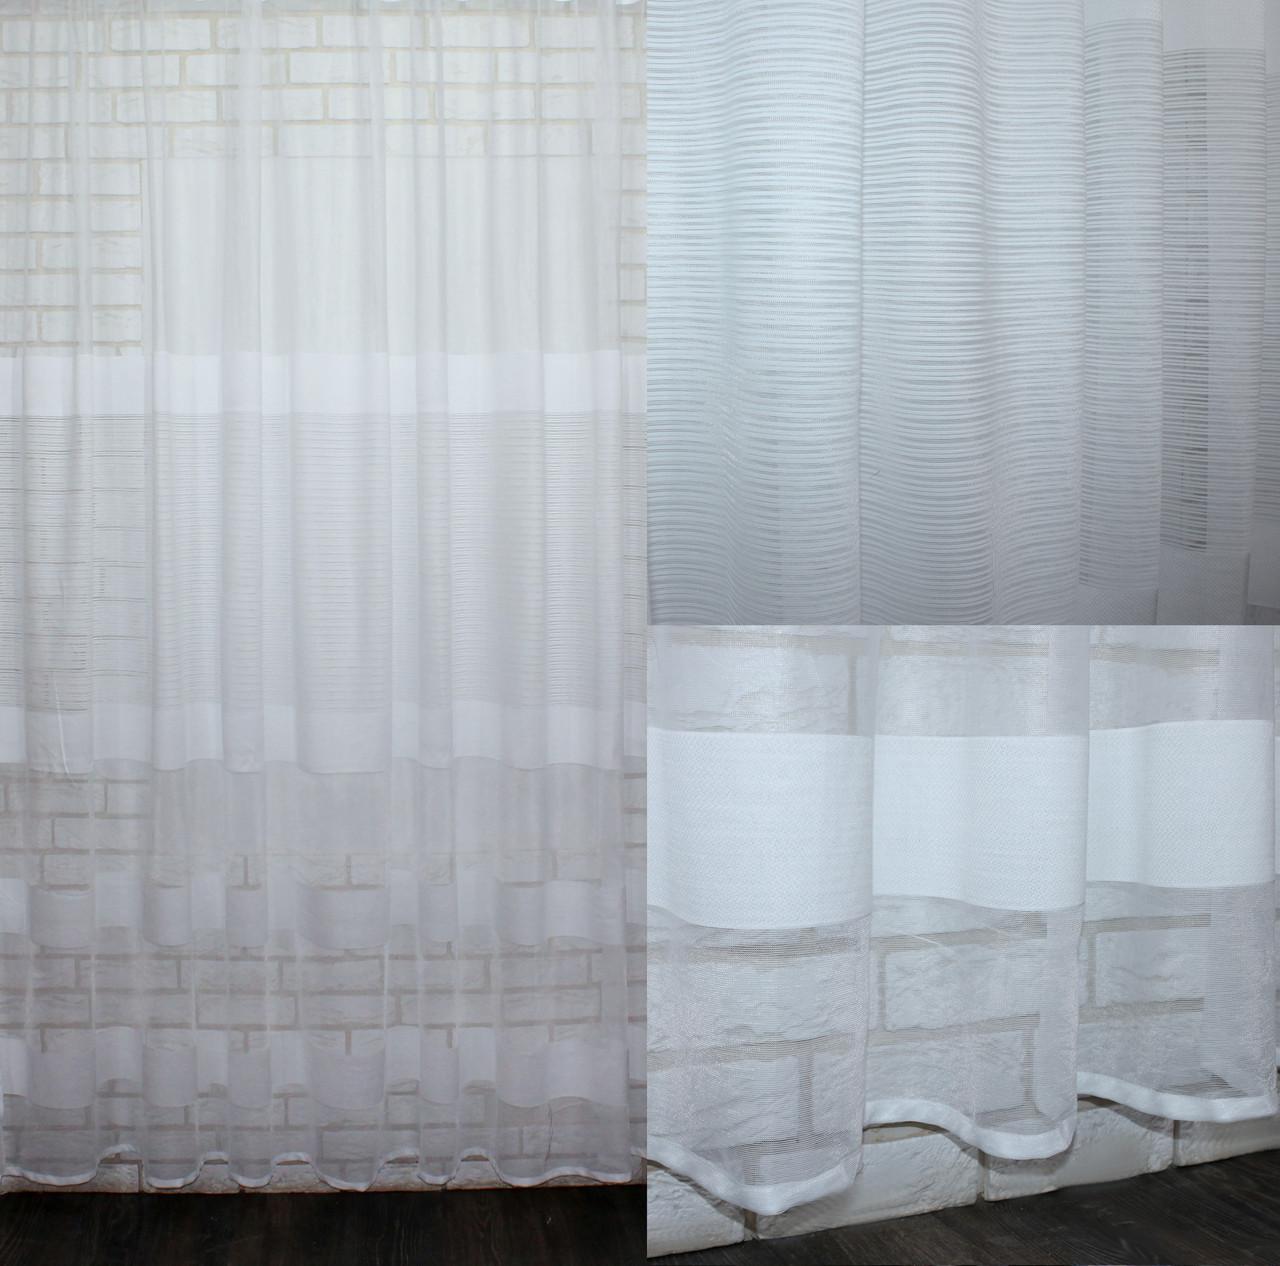 Тюль жаккард полоска,(4х2,5) цвет белый. Код 525т 40-256